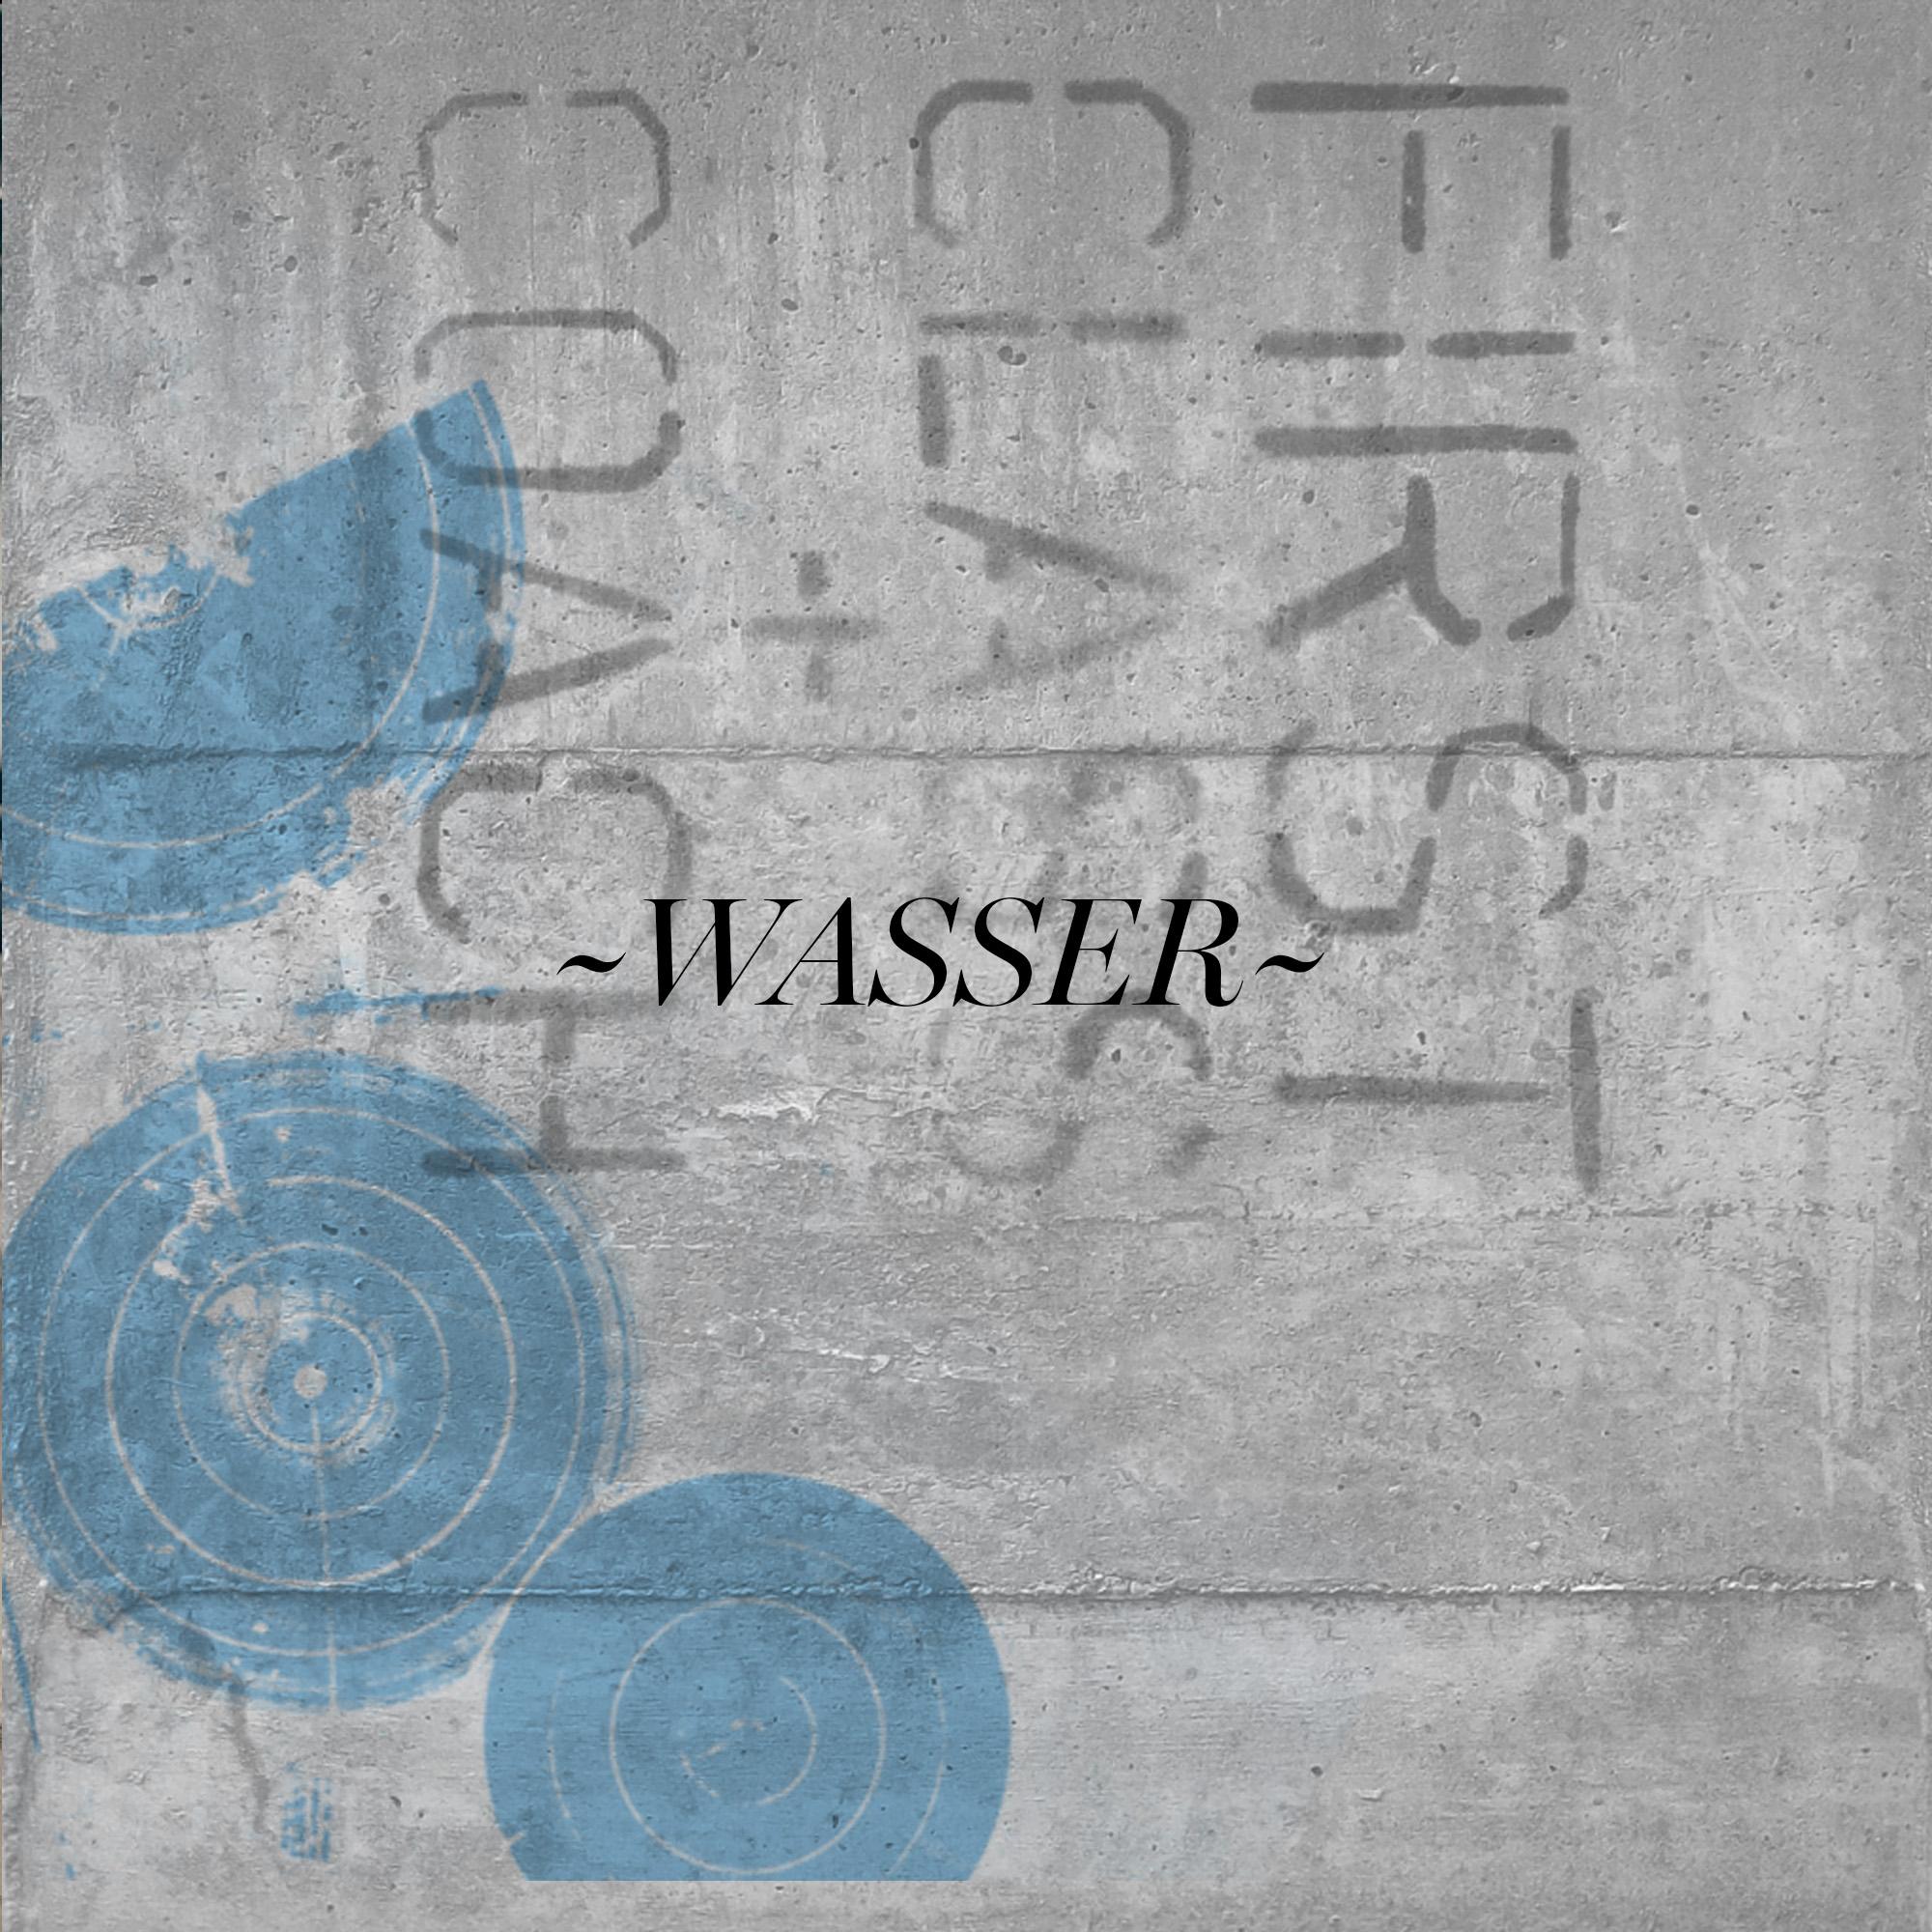 wasser_image.jpg